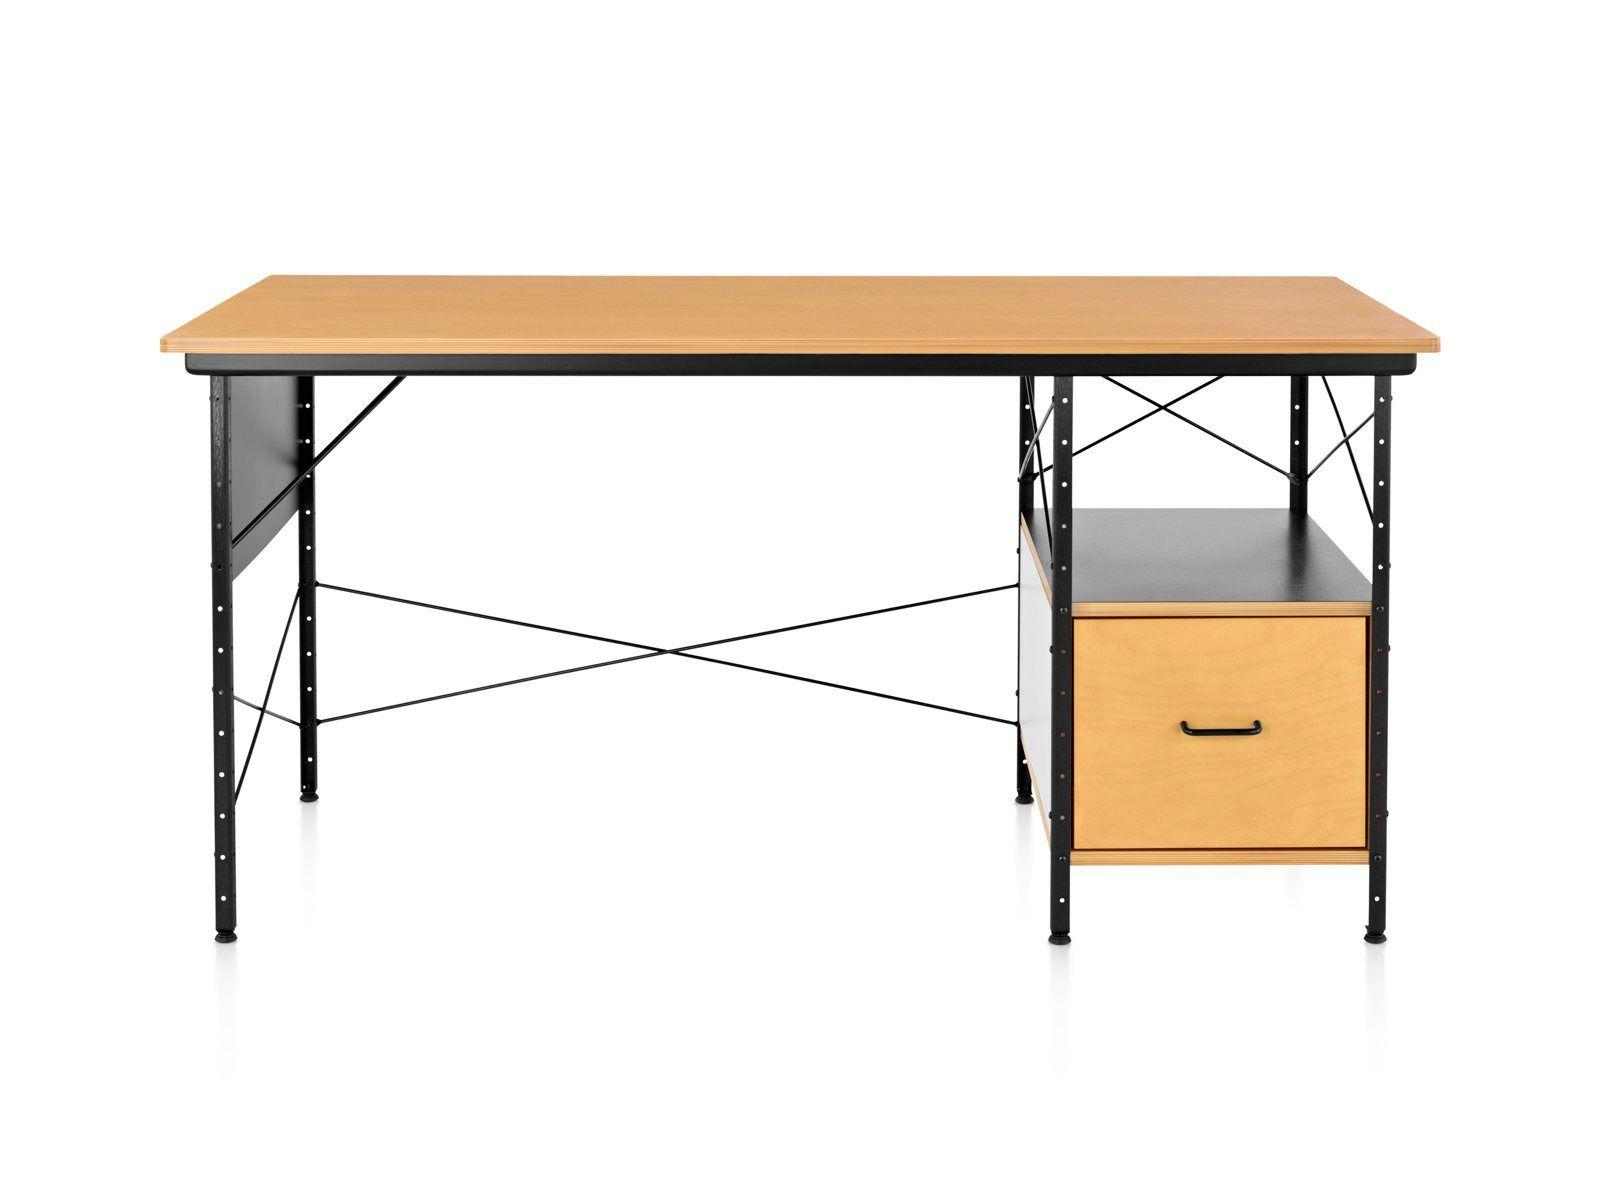 Eames Desk Unit 20 By Charles Ray Eames For Herman Miller Up Interiors Eames Desk Desk Units Desk